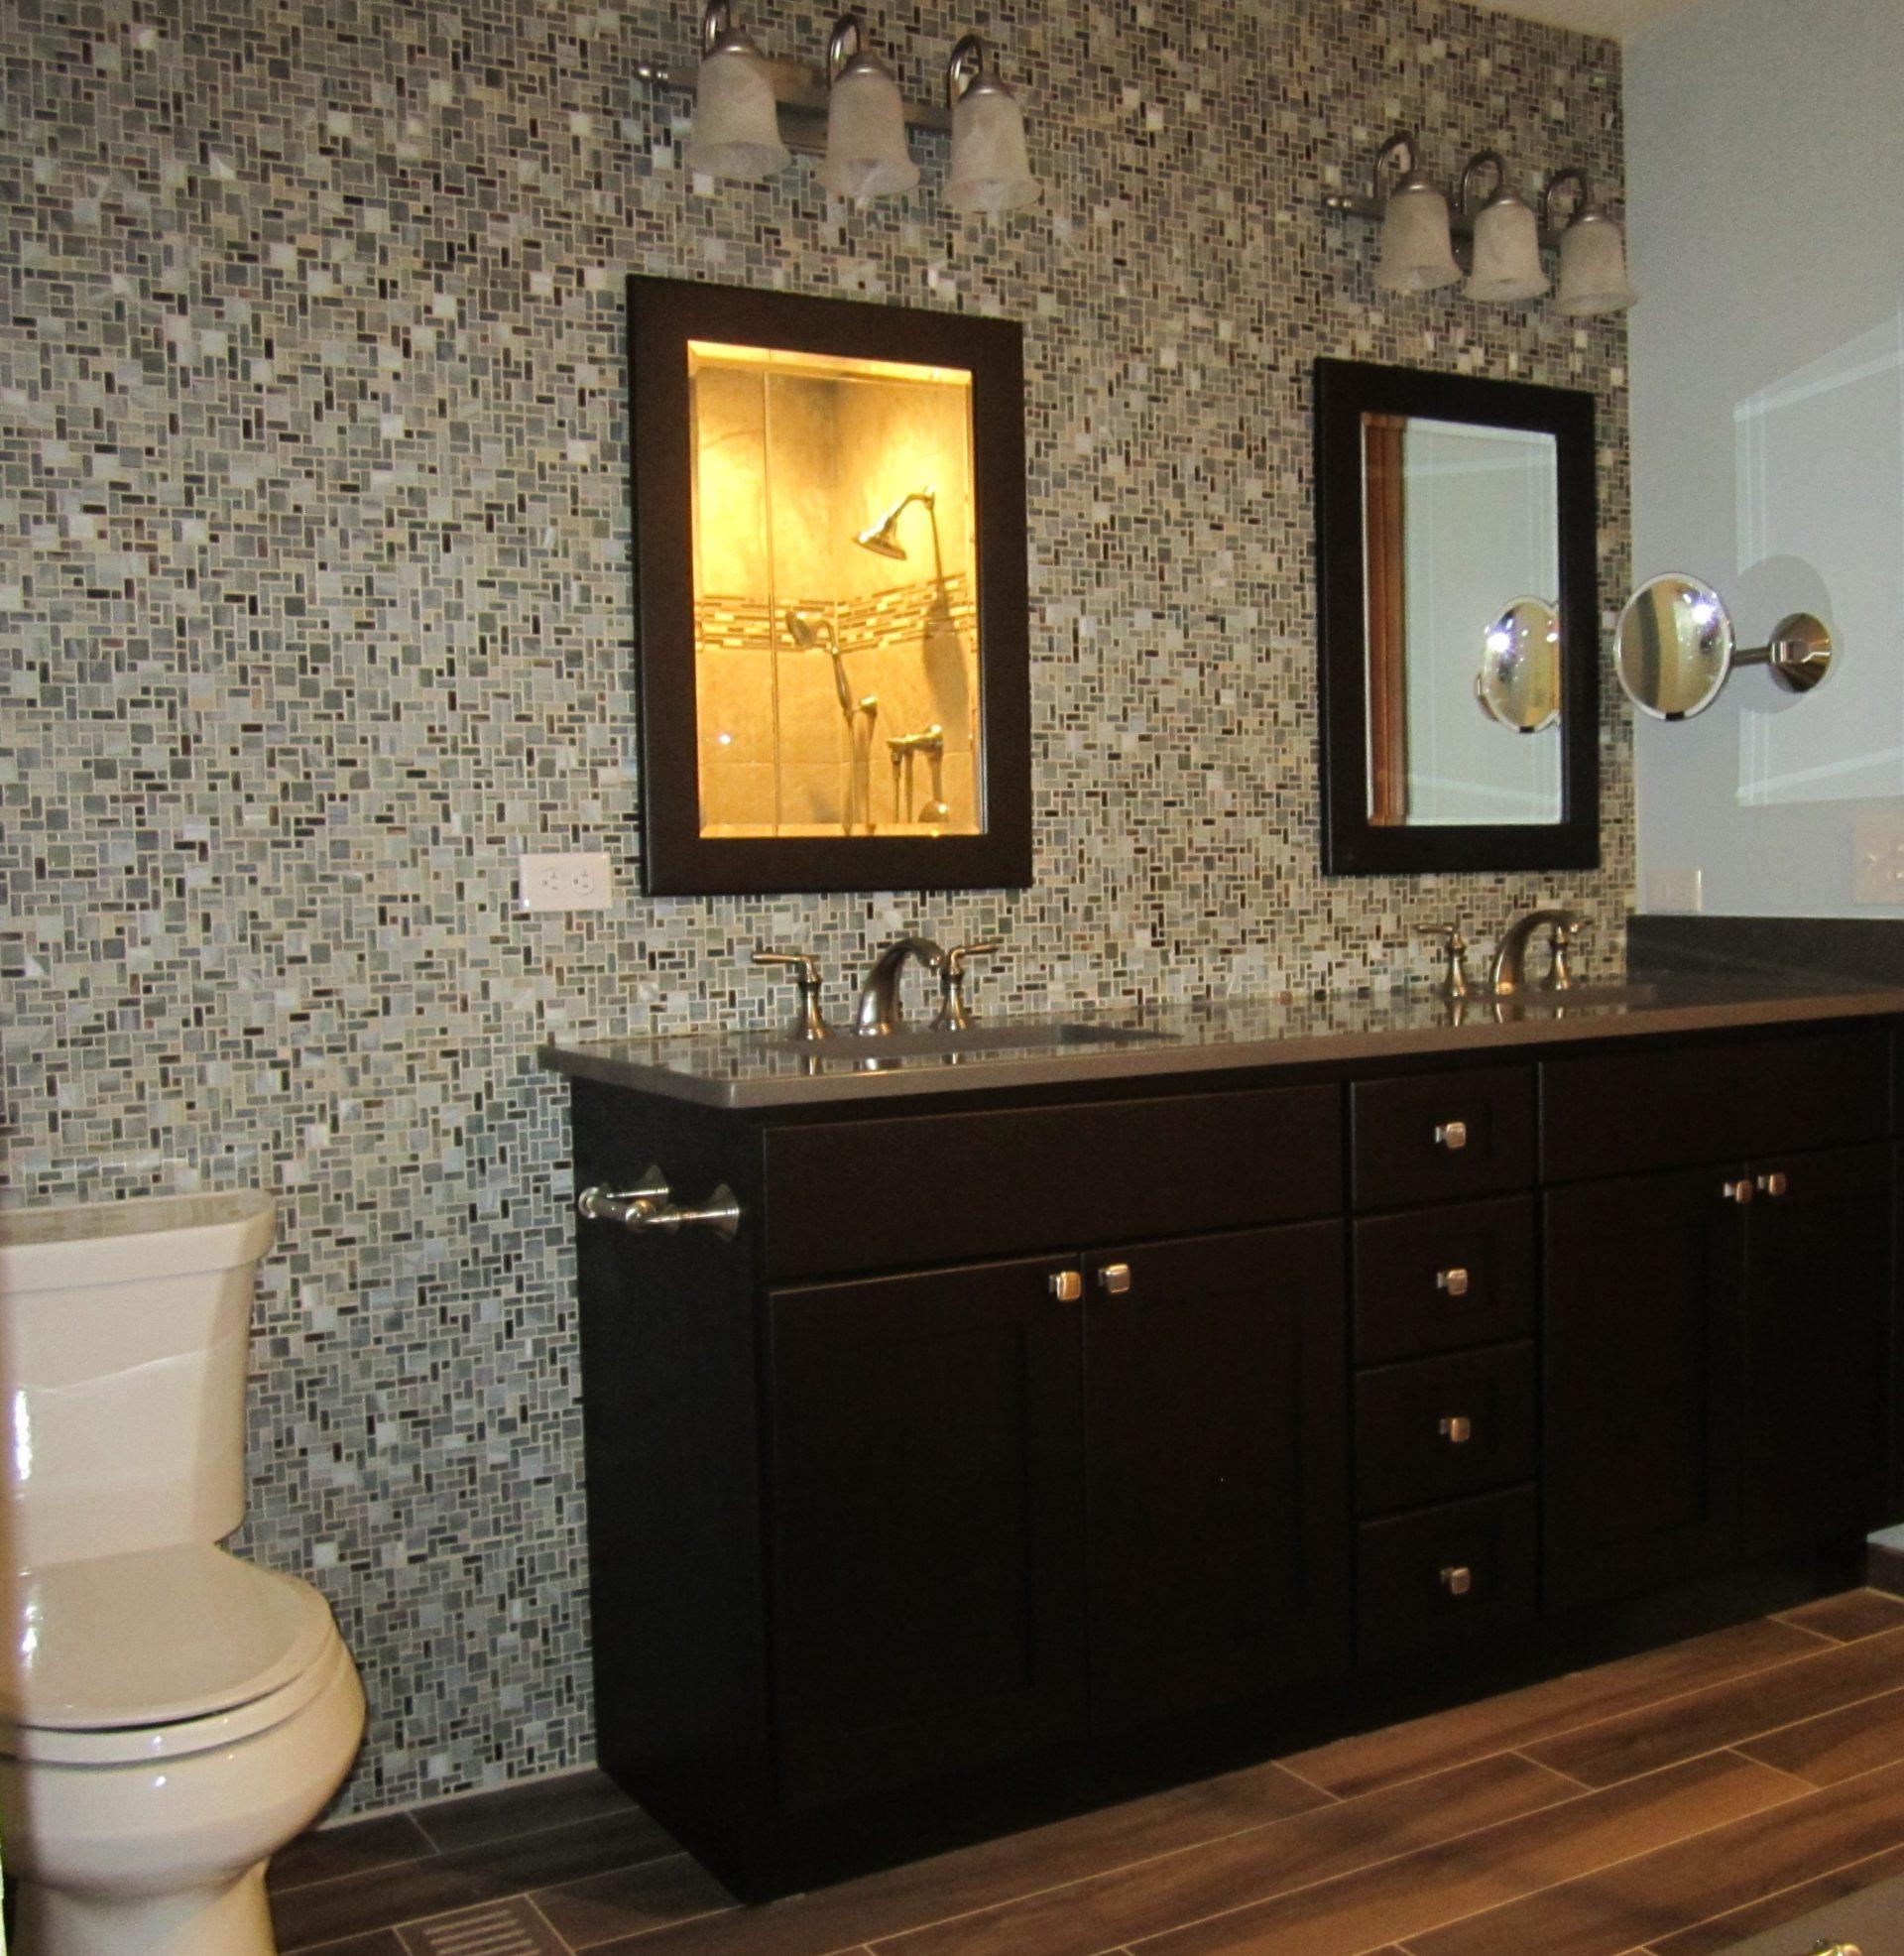 Project Spotlight: Master Bathroom